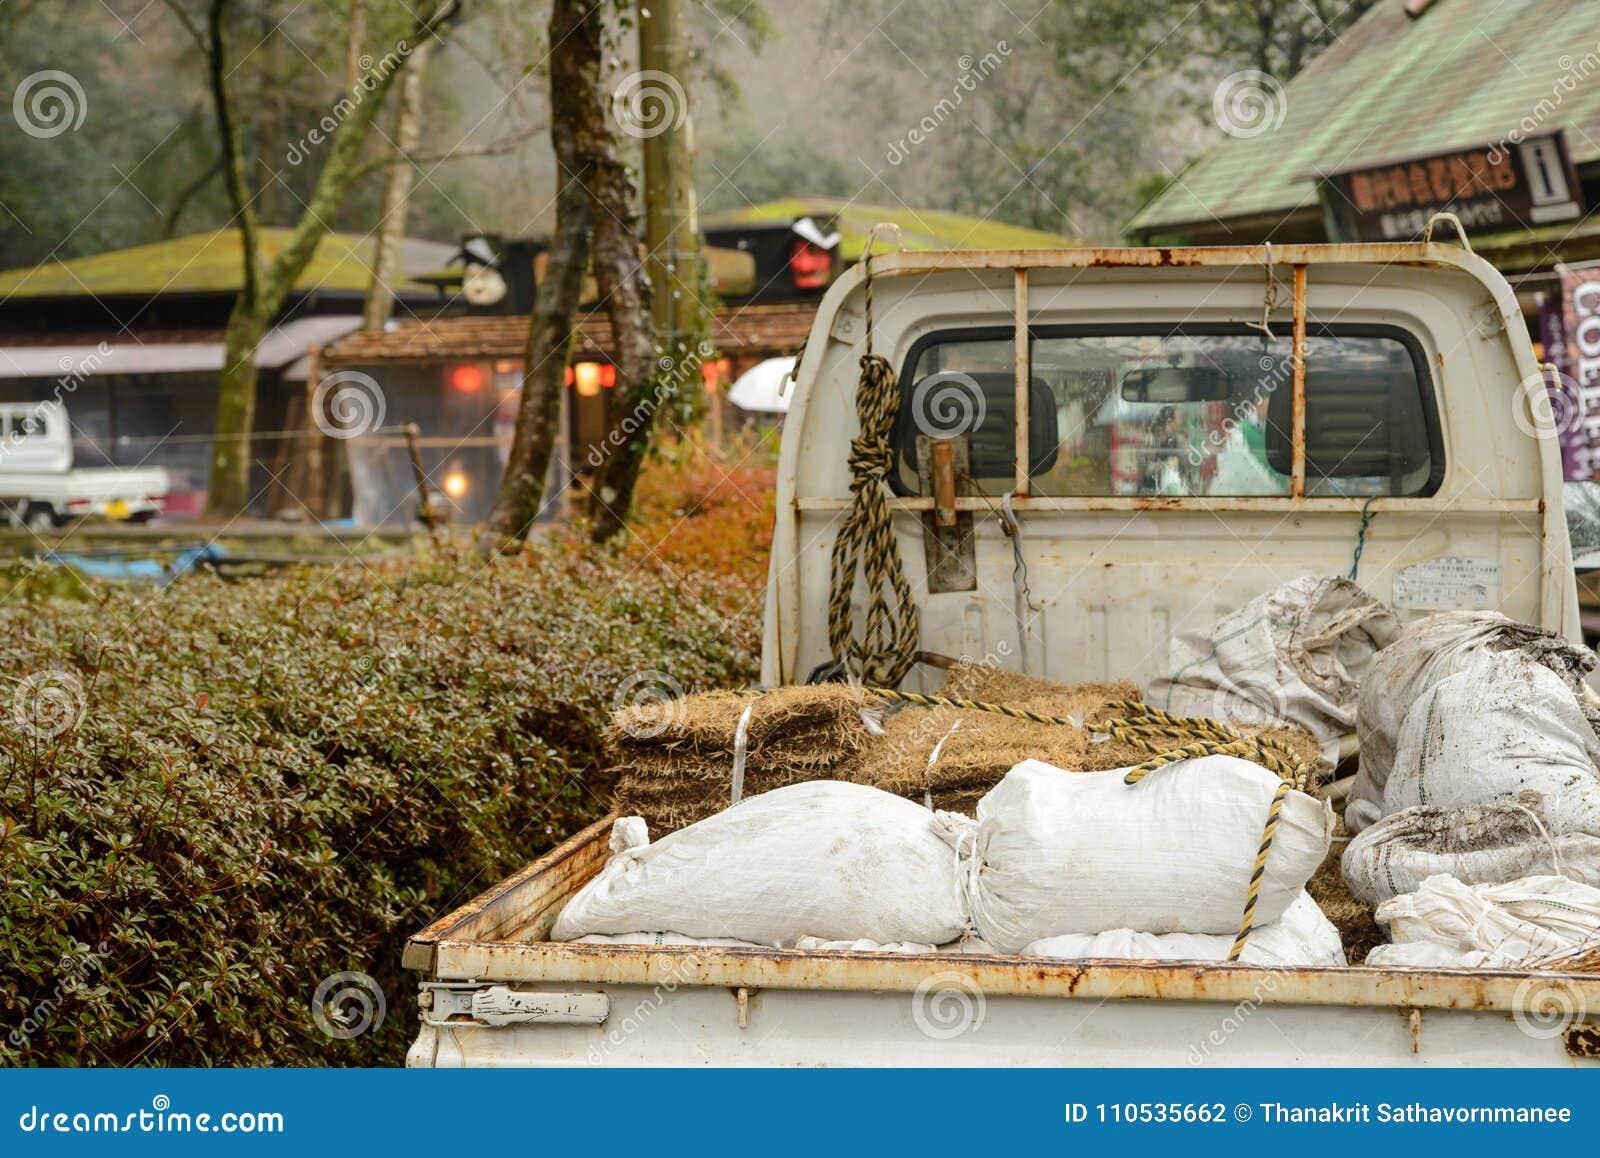 Mini camionete com adubo e feno